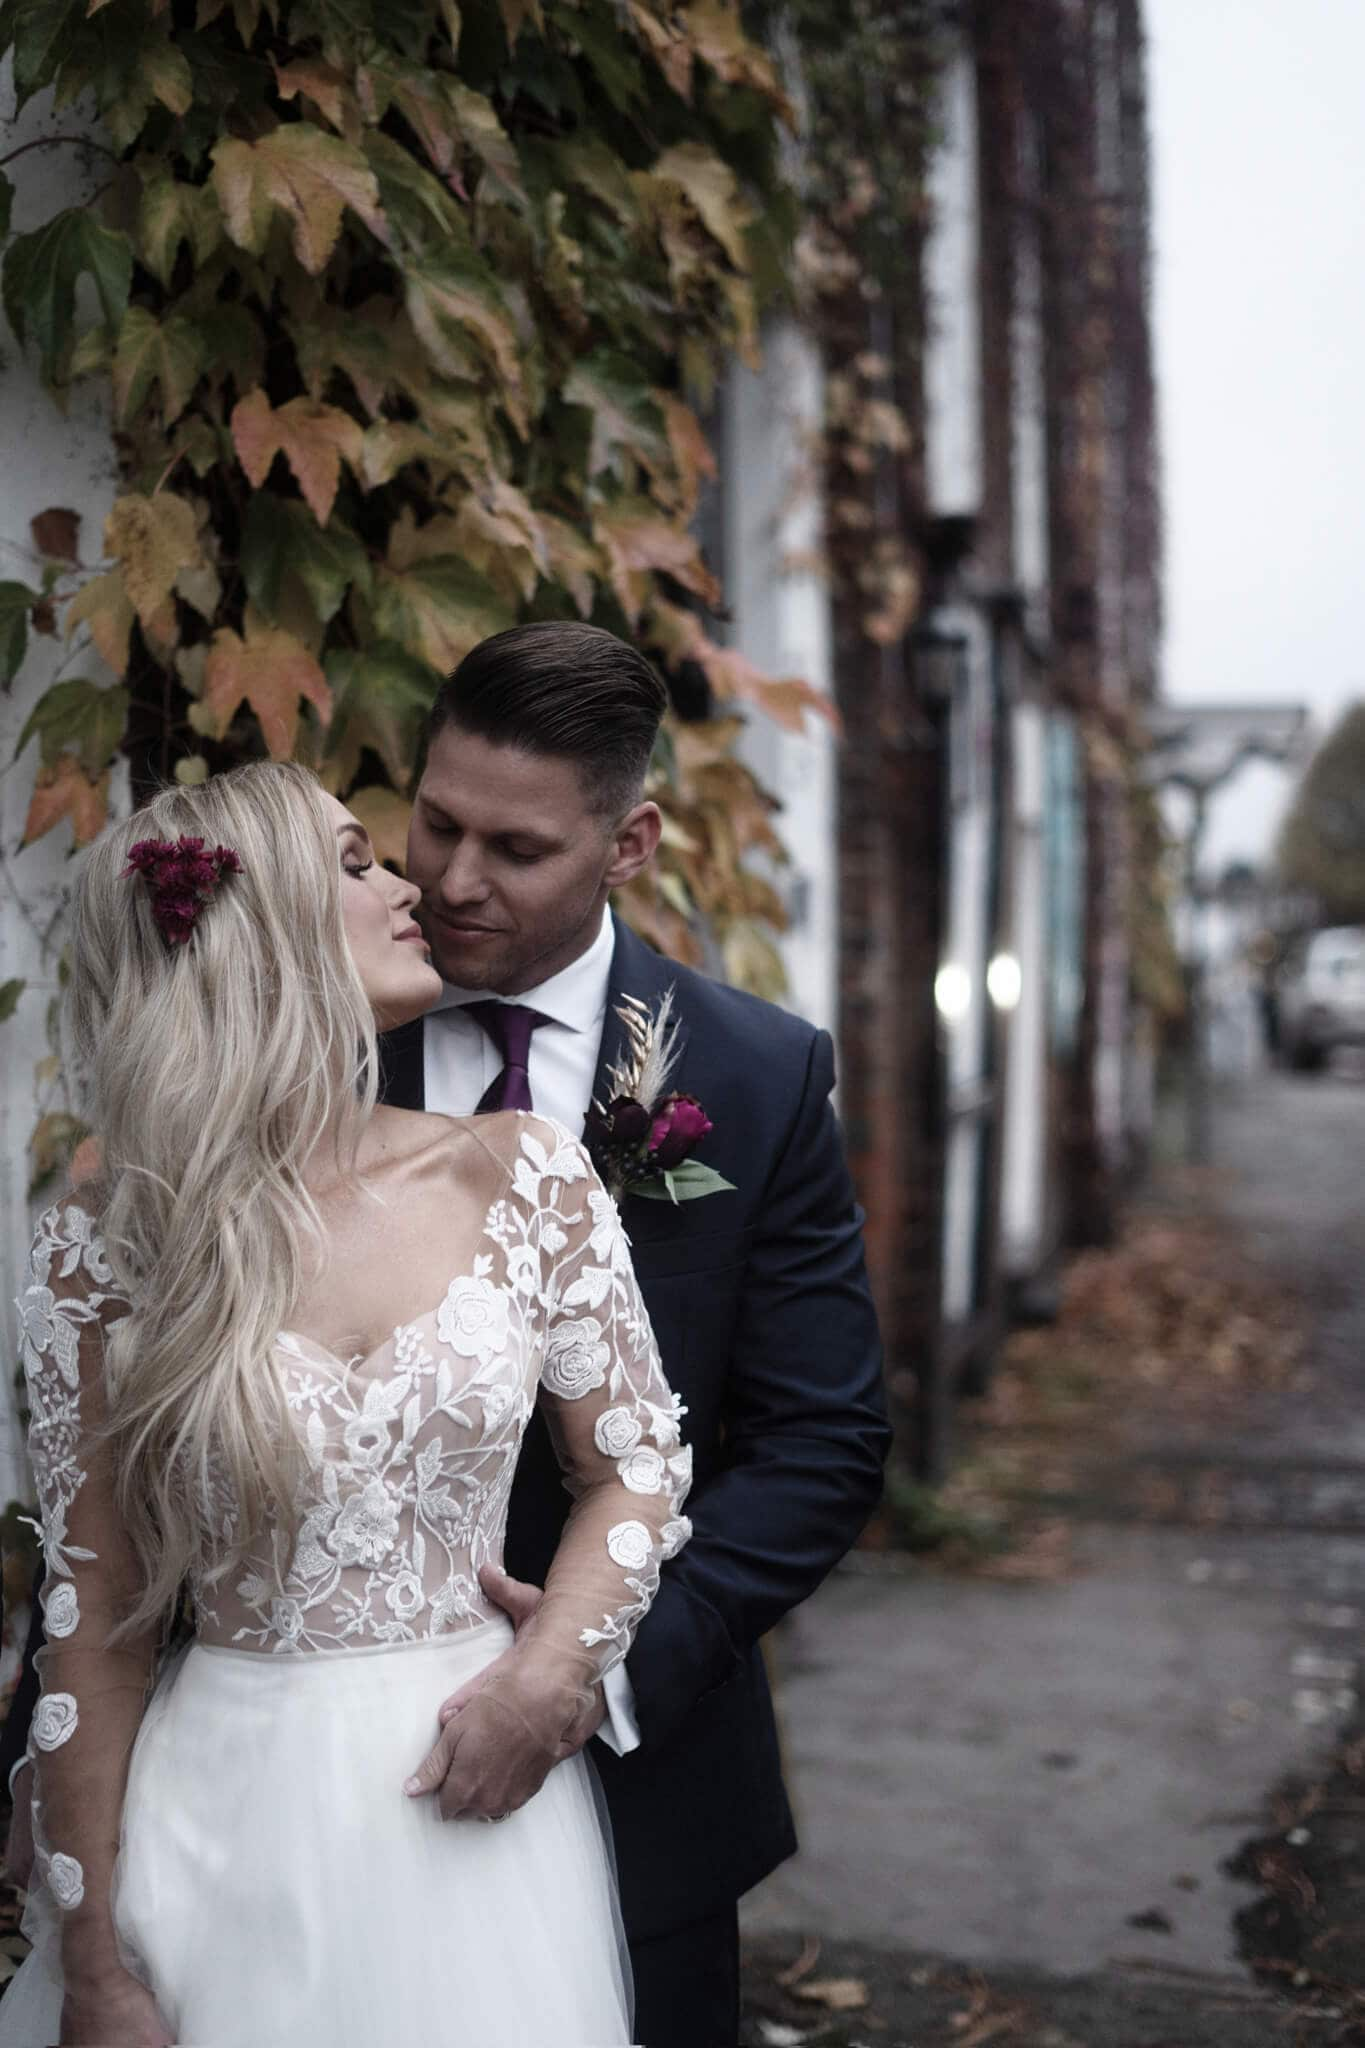 lace wedding dress boho wedding dress wedding dress shop near me bridal shop near me 10 3